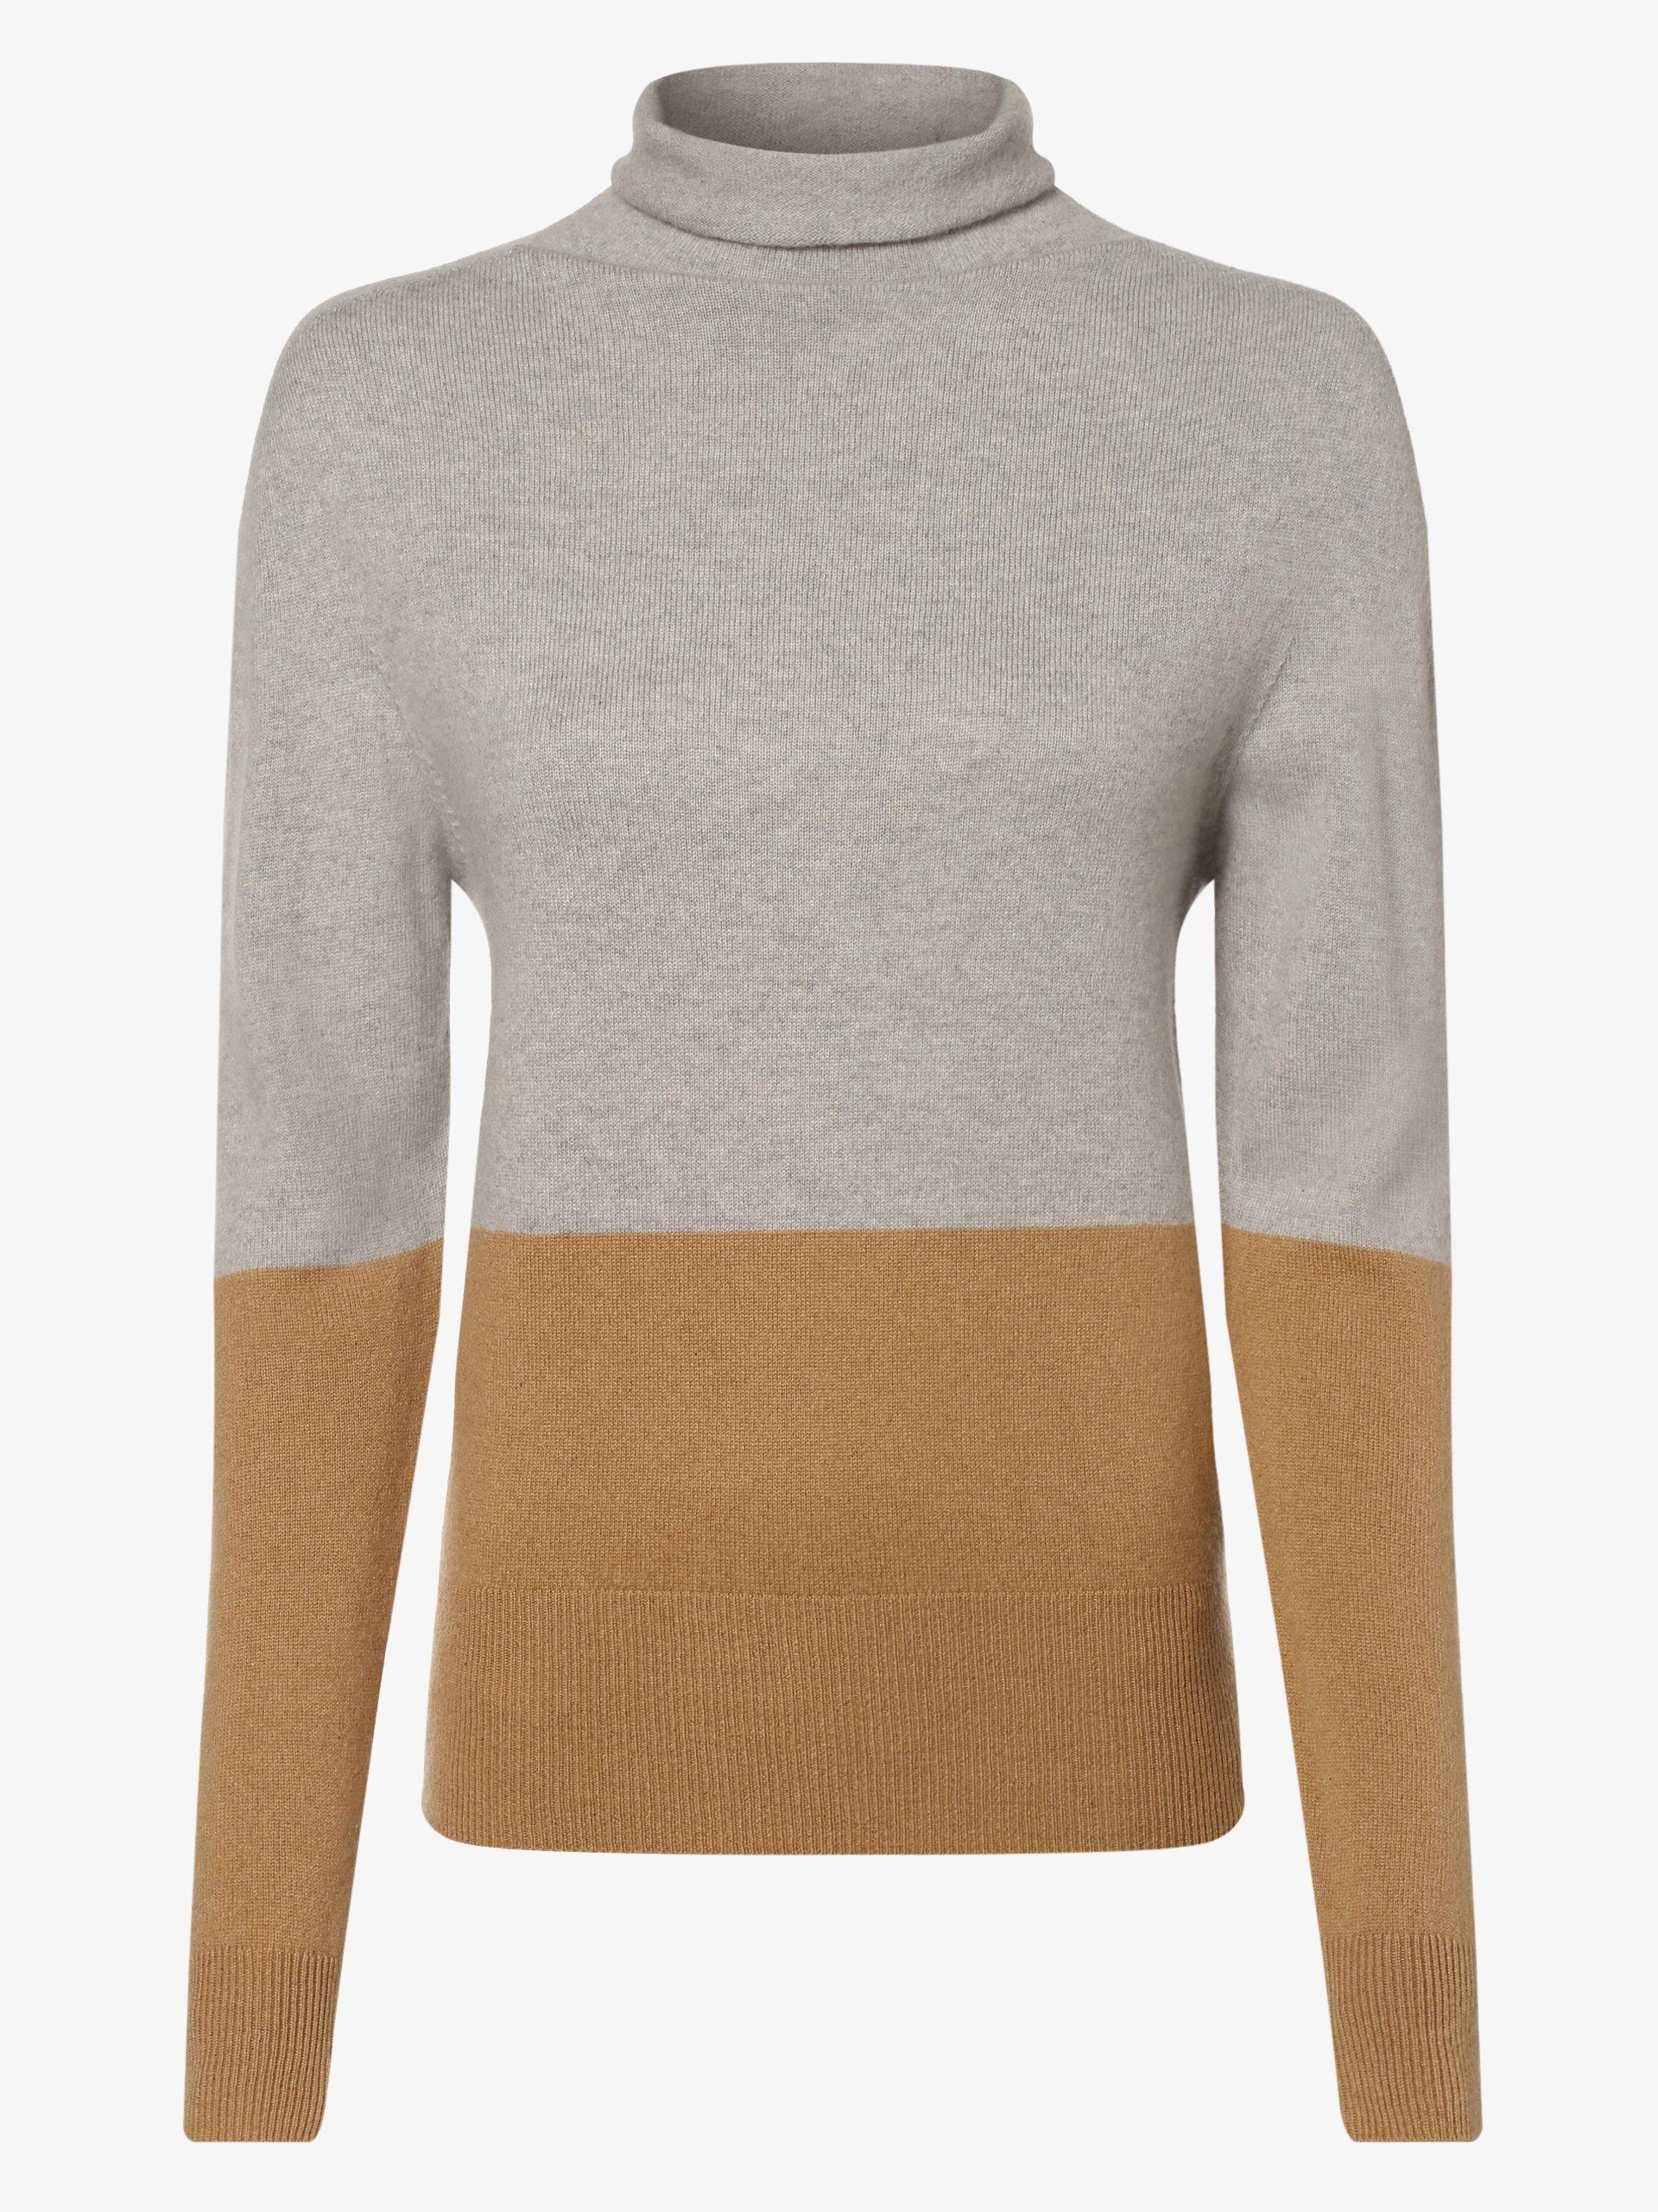 BOSS Damen Pullover aus Cashmere - Fosalie